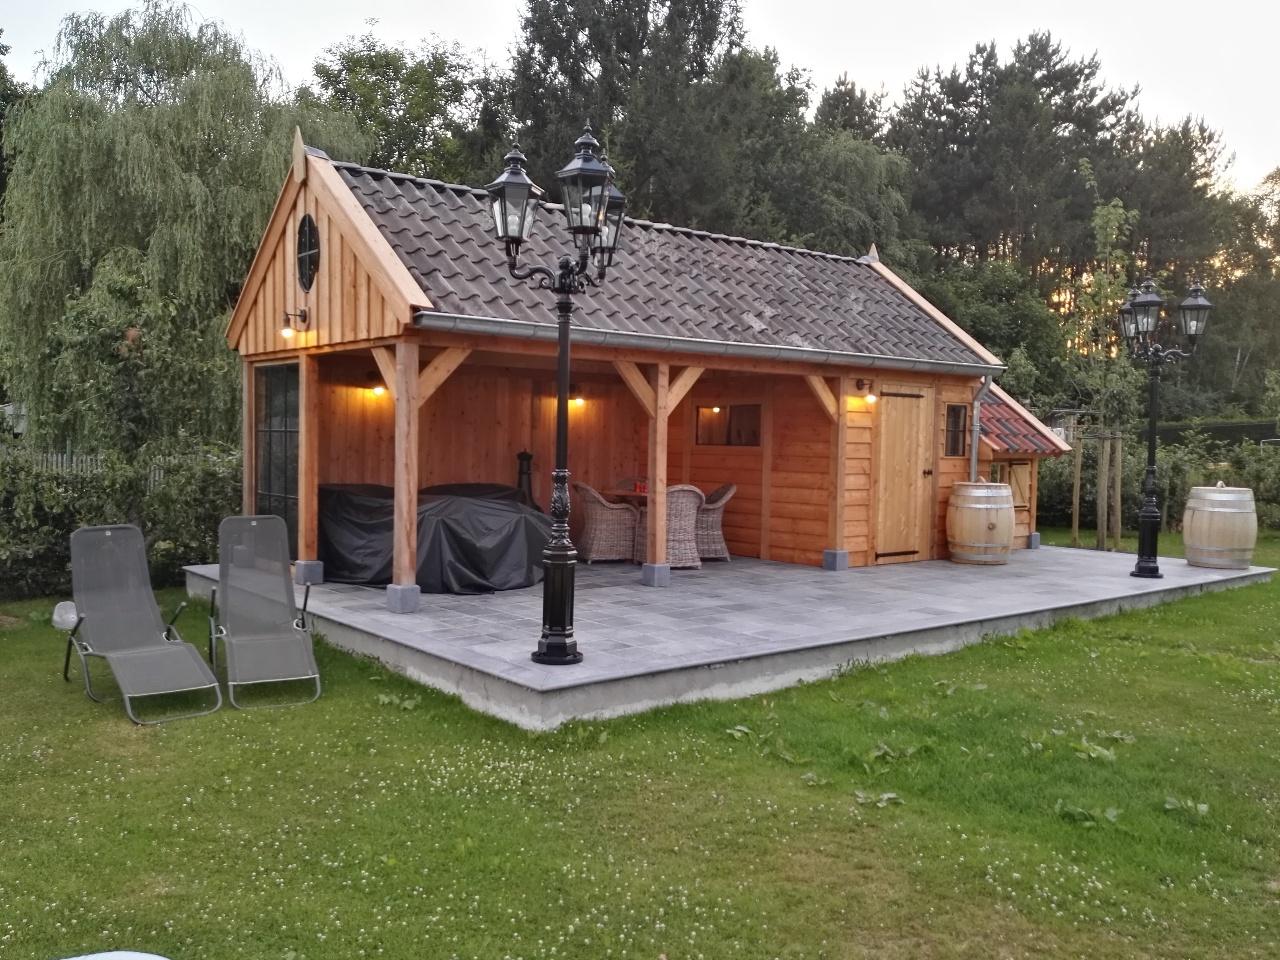 houten-tuinhuis-met-tuinkamer - Project Lummen: Houten tuinhuis met tuinkamer